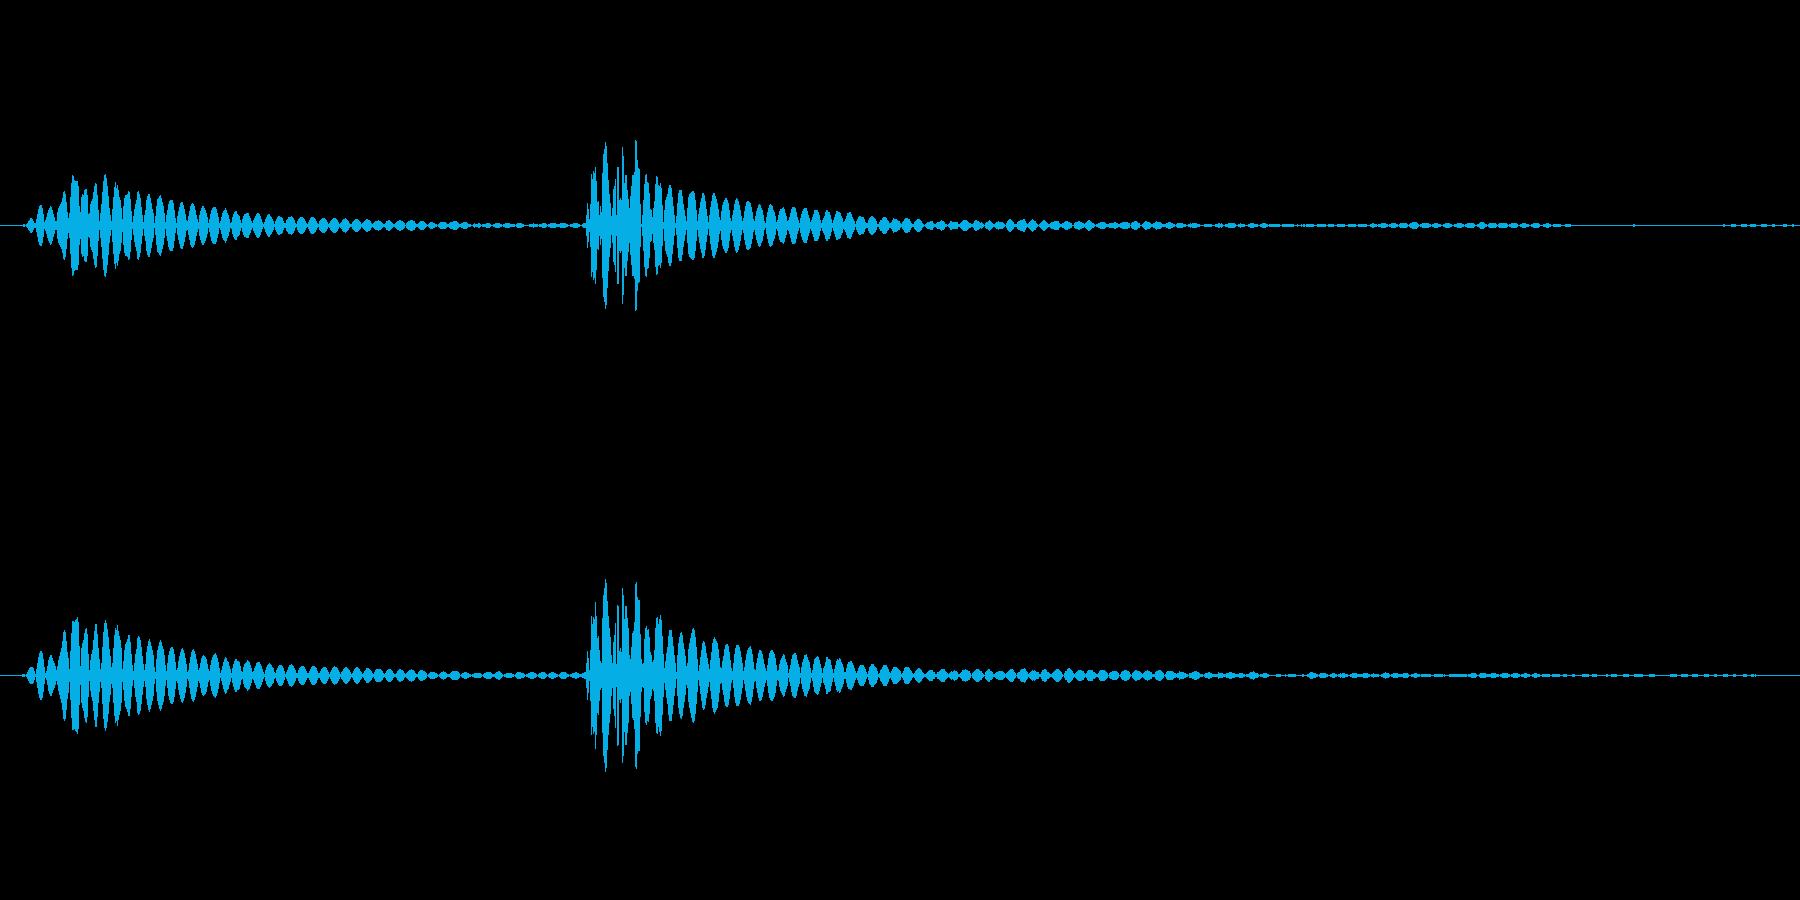 カリッ(錠剤などの硬い物を噛む音)の再生済みの波形